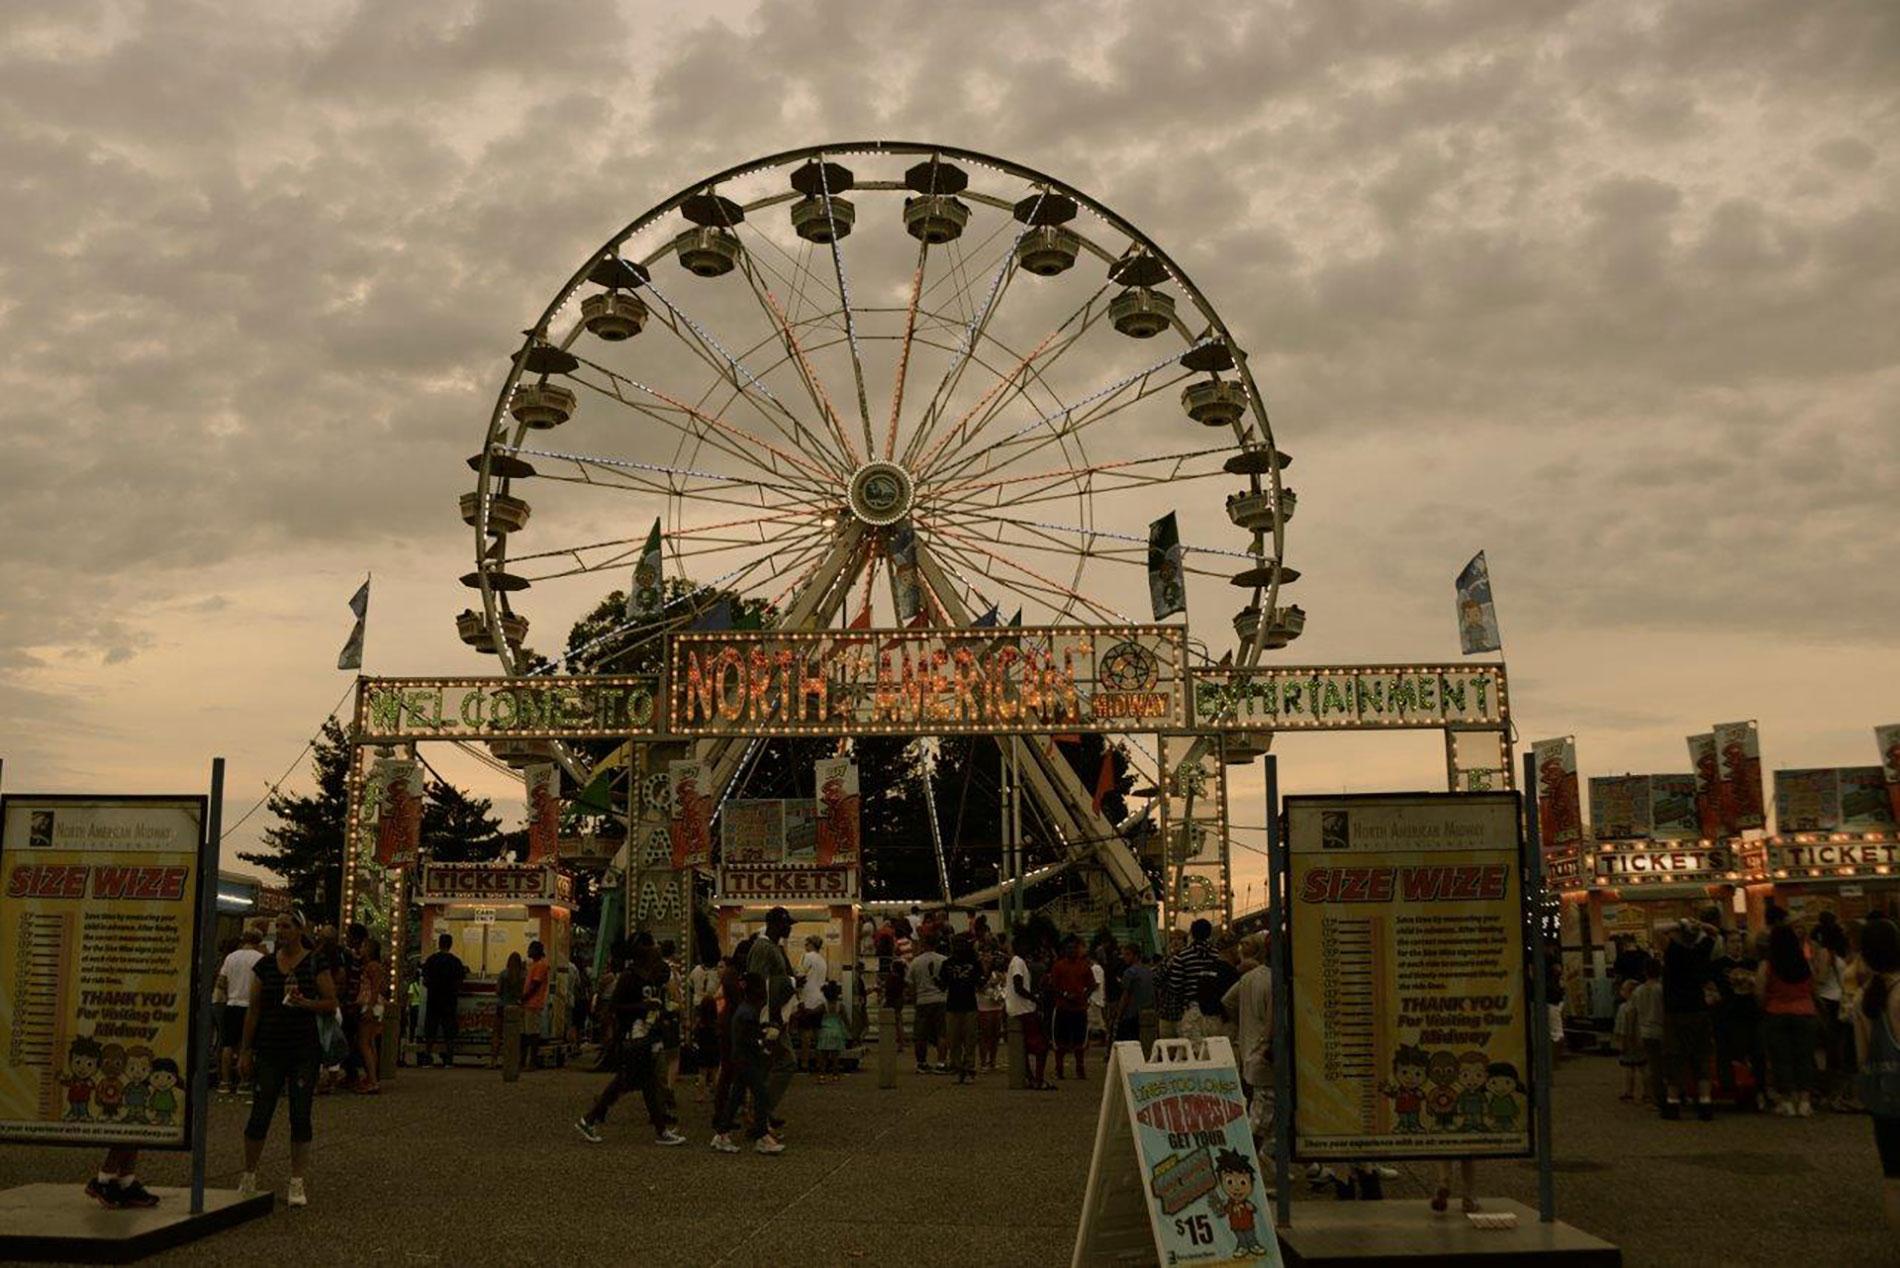 Kentucky State Fair by Linda Bruckheimer Photography